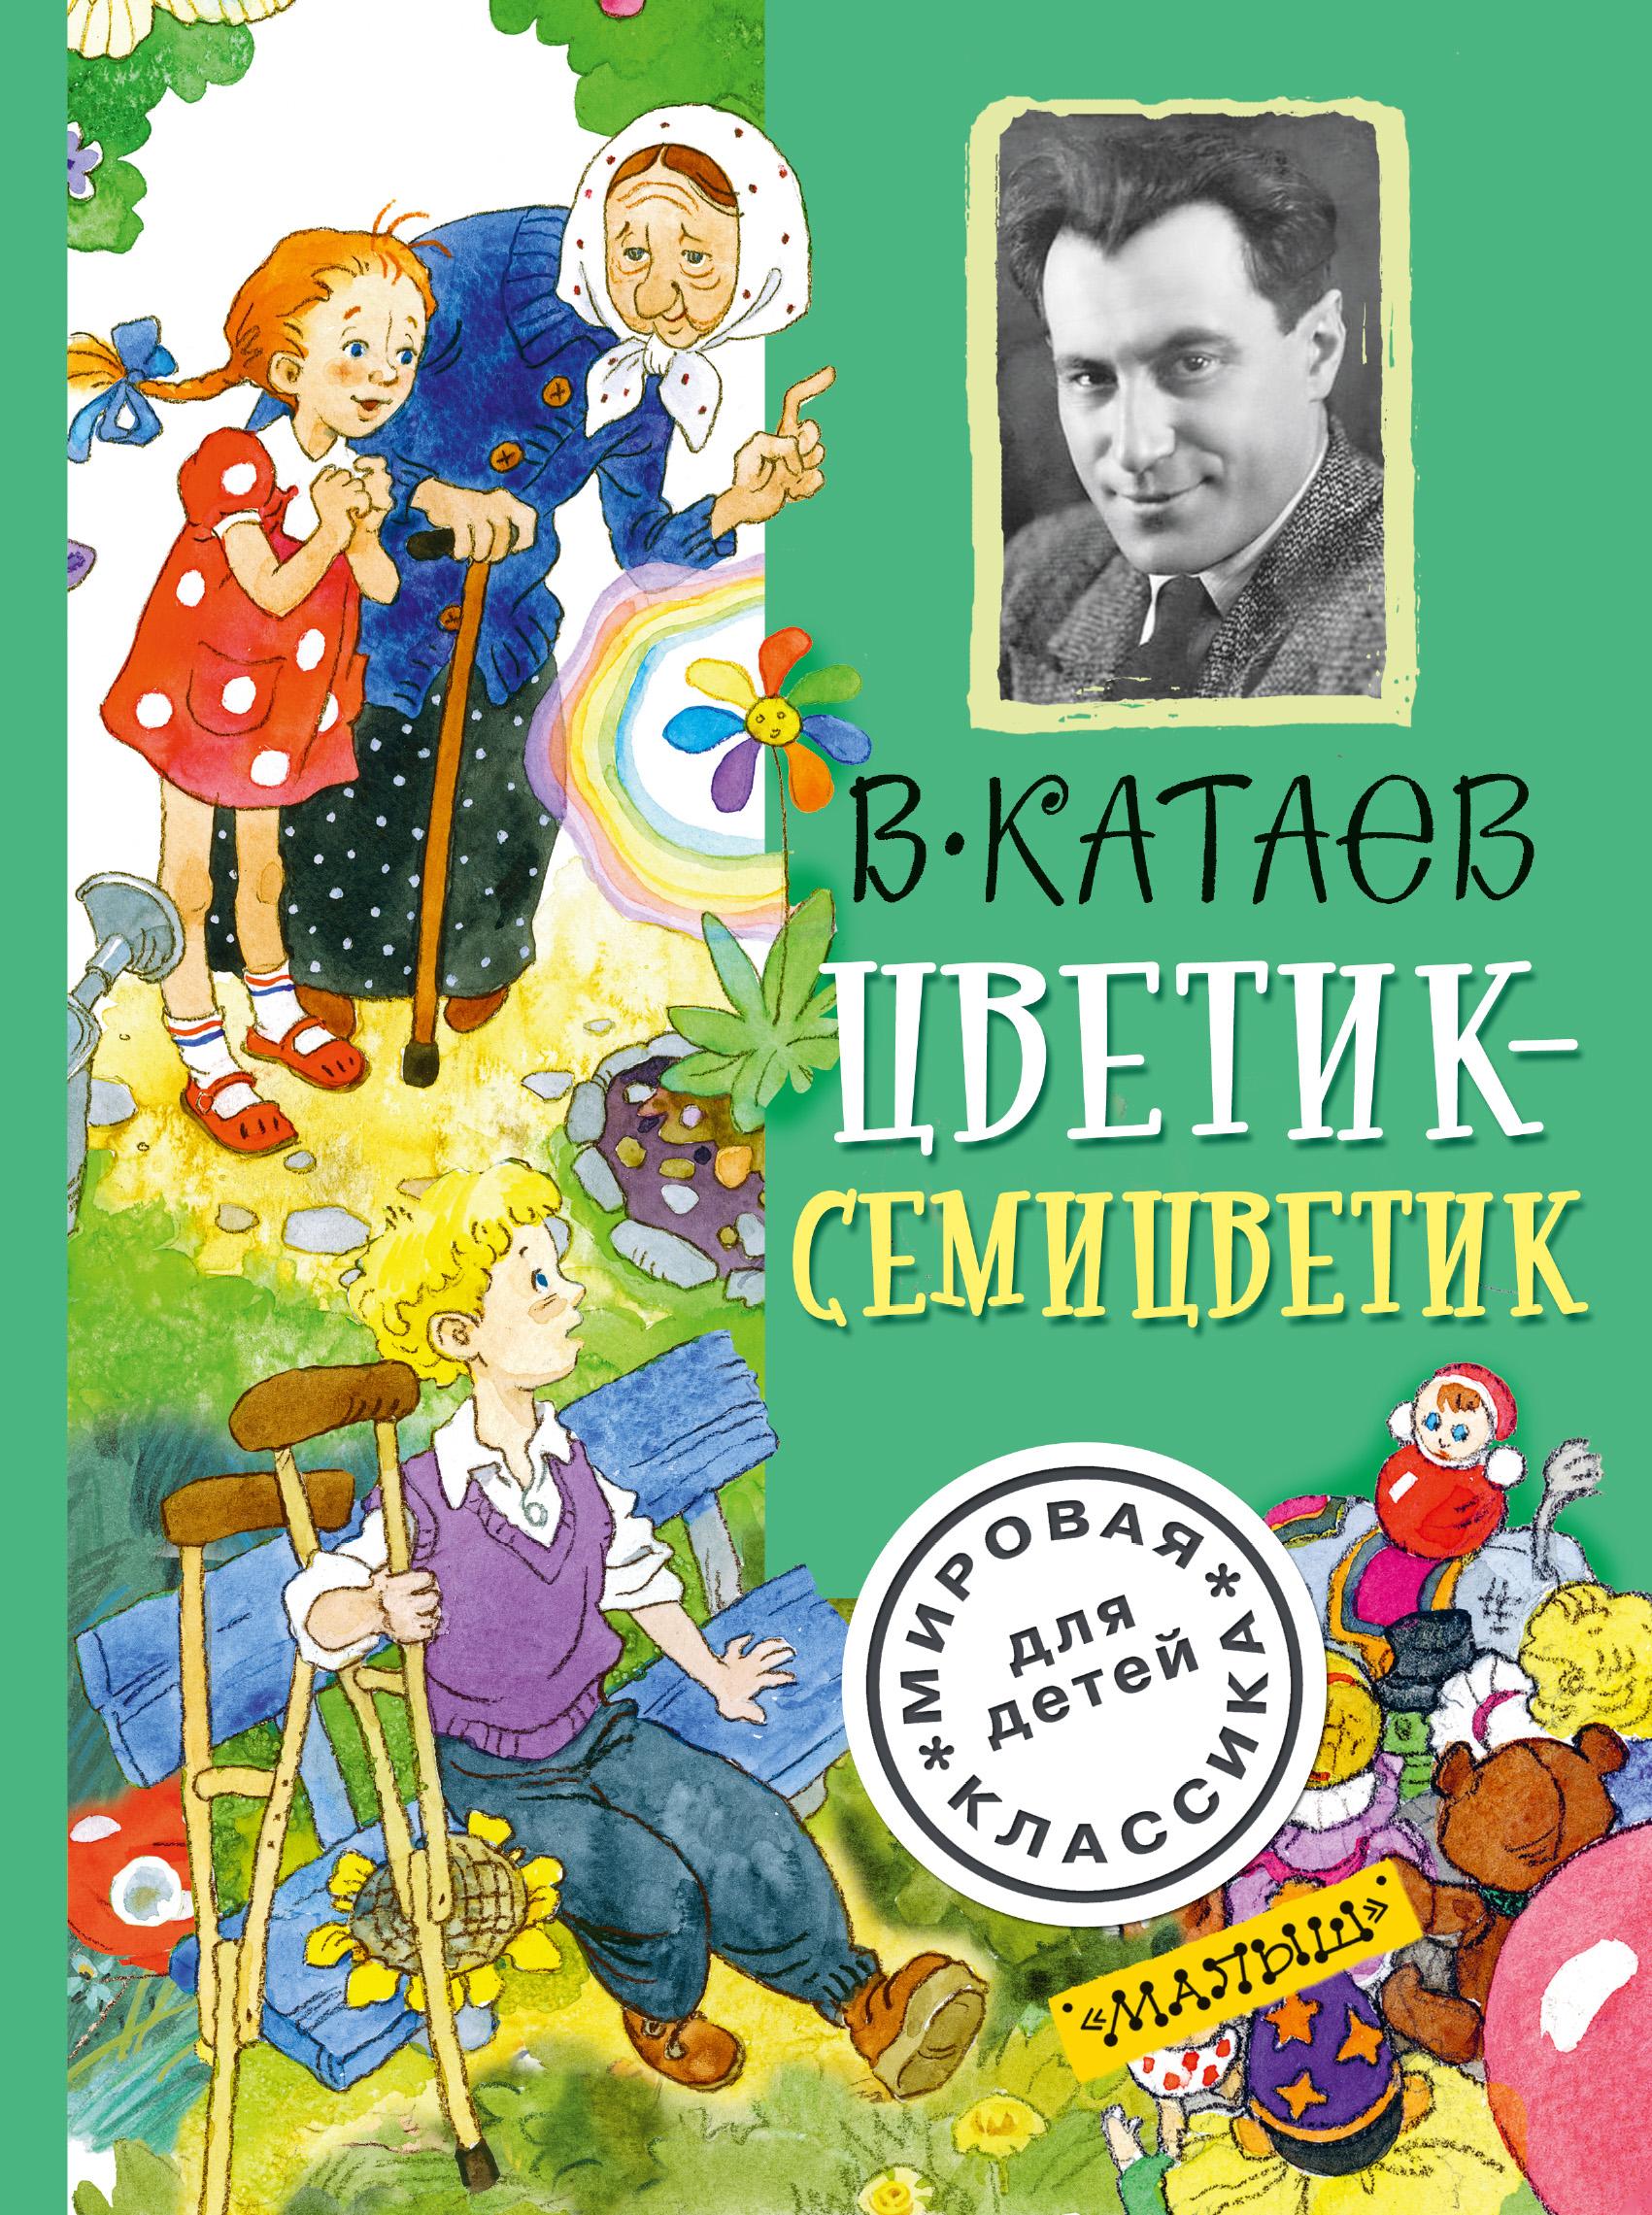 Валентин Катаев Цветик-семицветик (сборник) валентин катаев горох в стенку